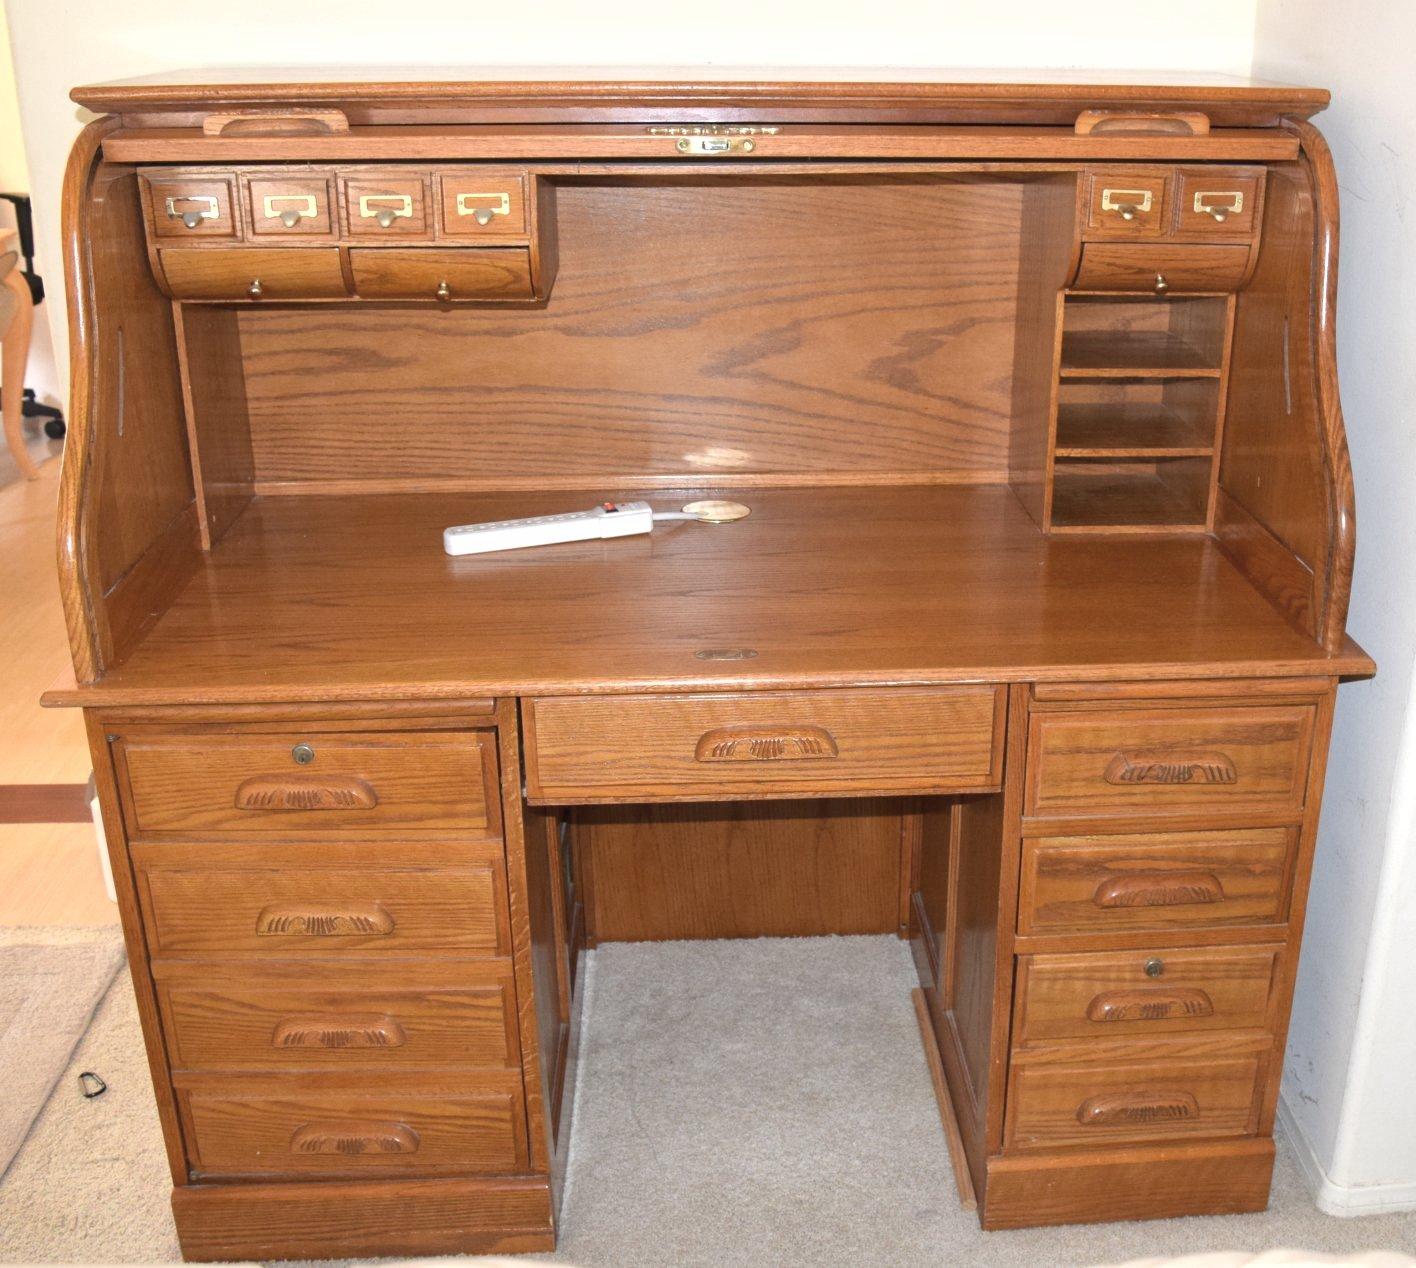 Solid Oak Rolltop Desk (Locking) - LIKE NEW